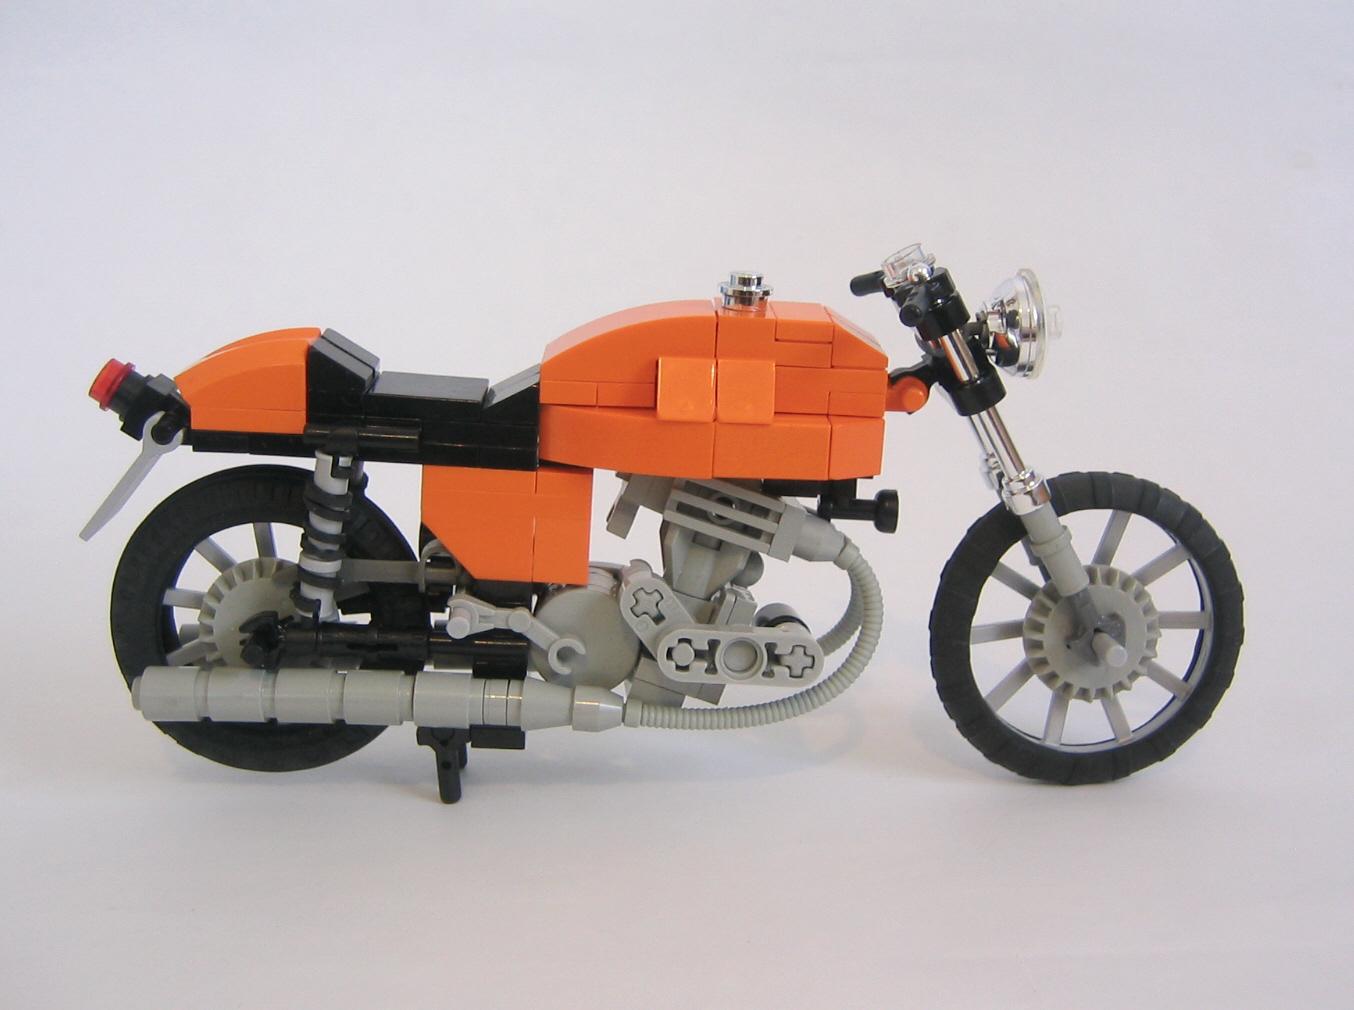 Laverda-750-01